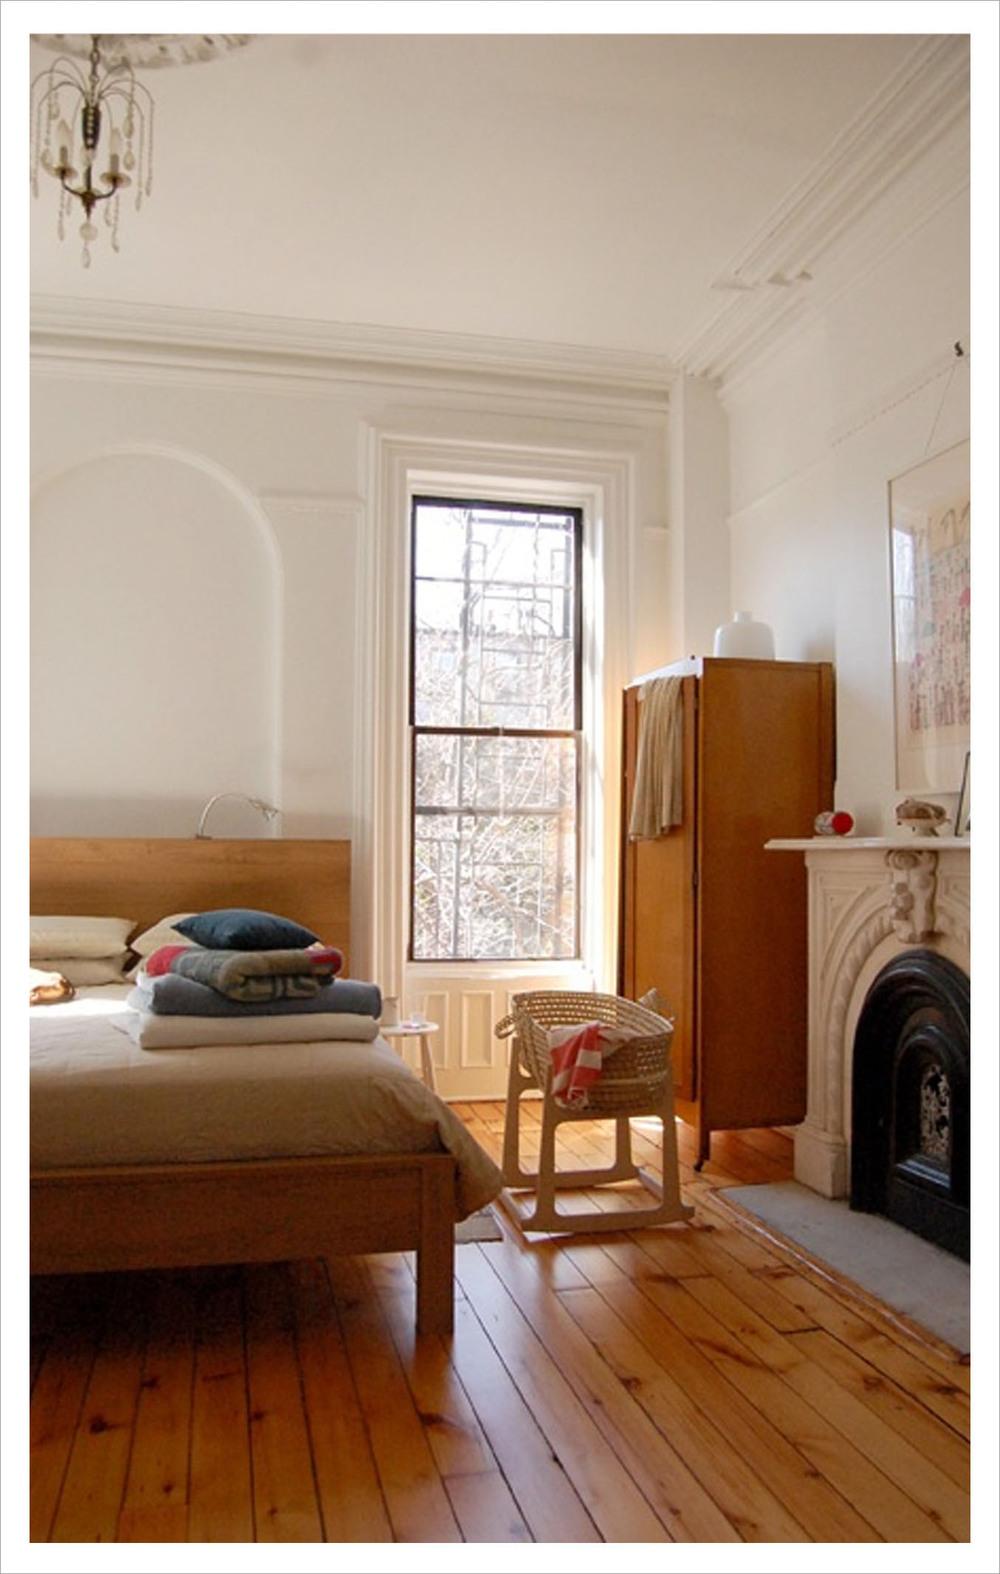 angle_bedroom_frm.jpg